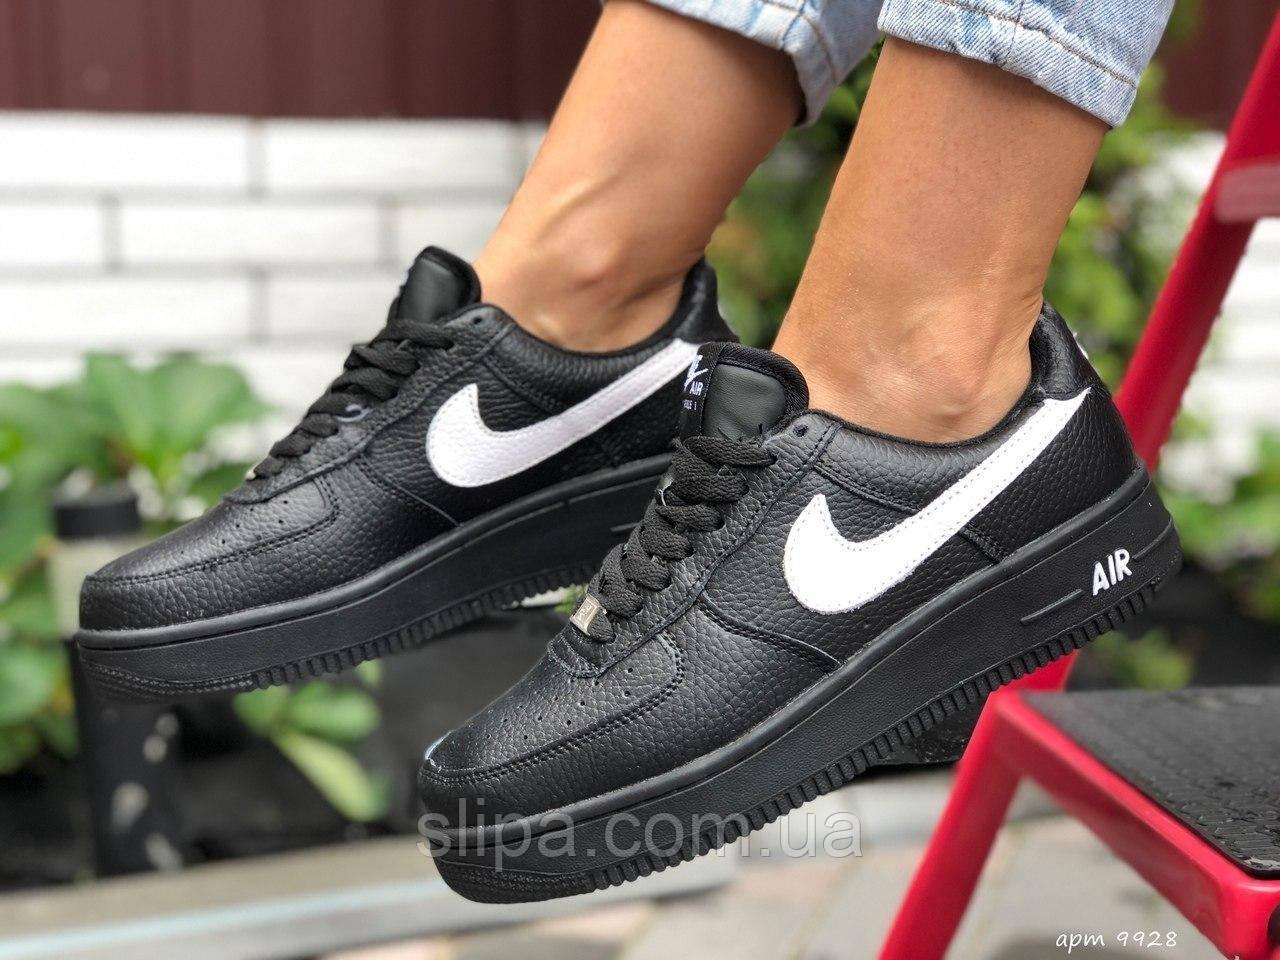 Женские кожаные зимние кроссовки Nike Air Force чёрные